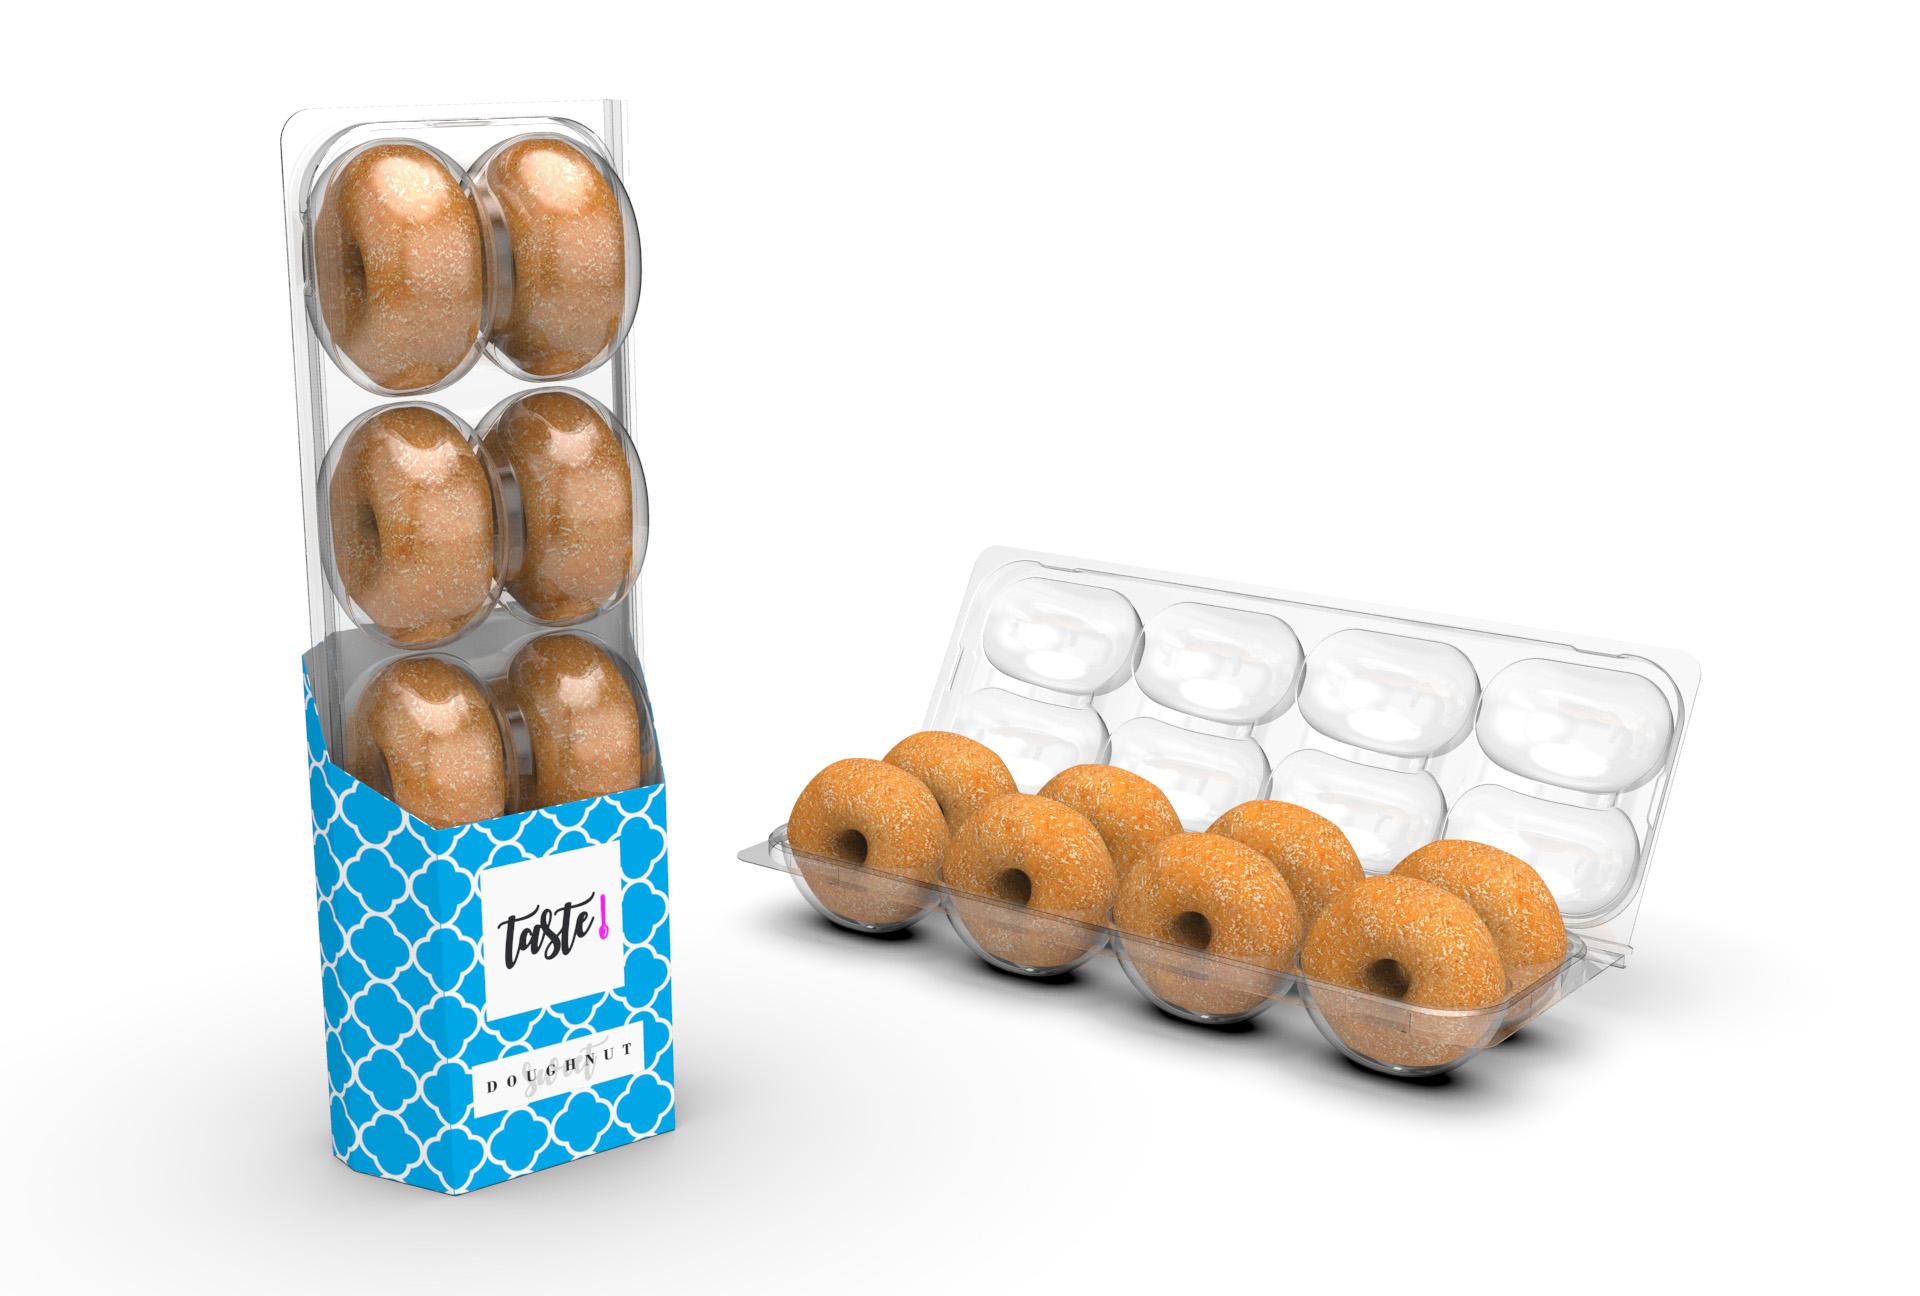 Charpak-takeaway-recyclable--PET-doughnut-packaging